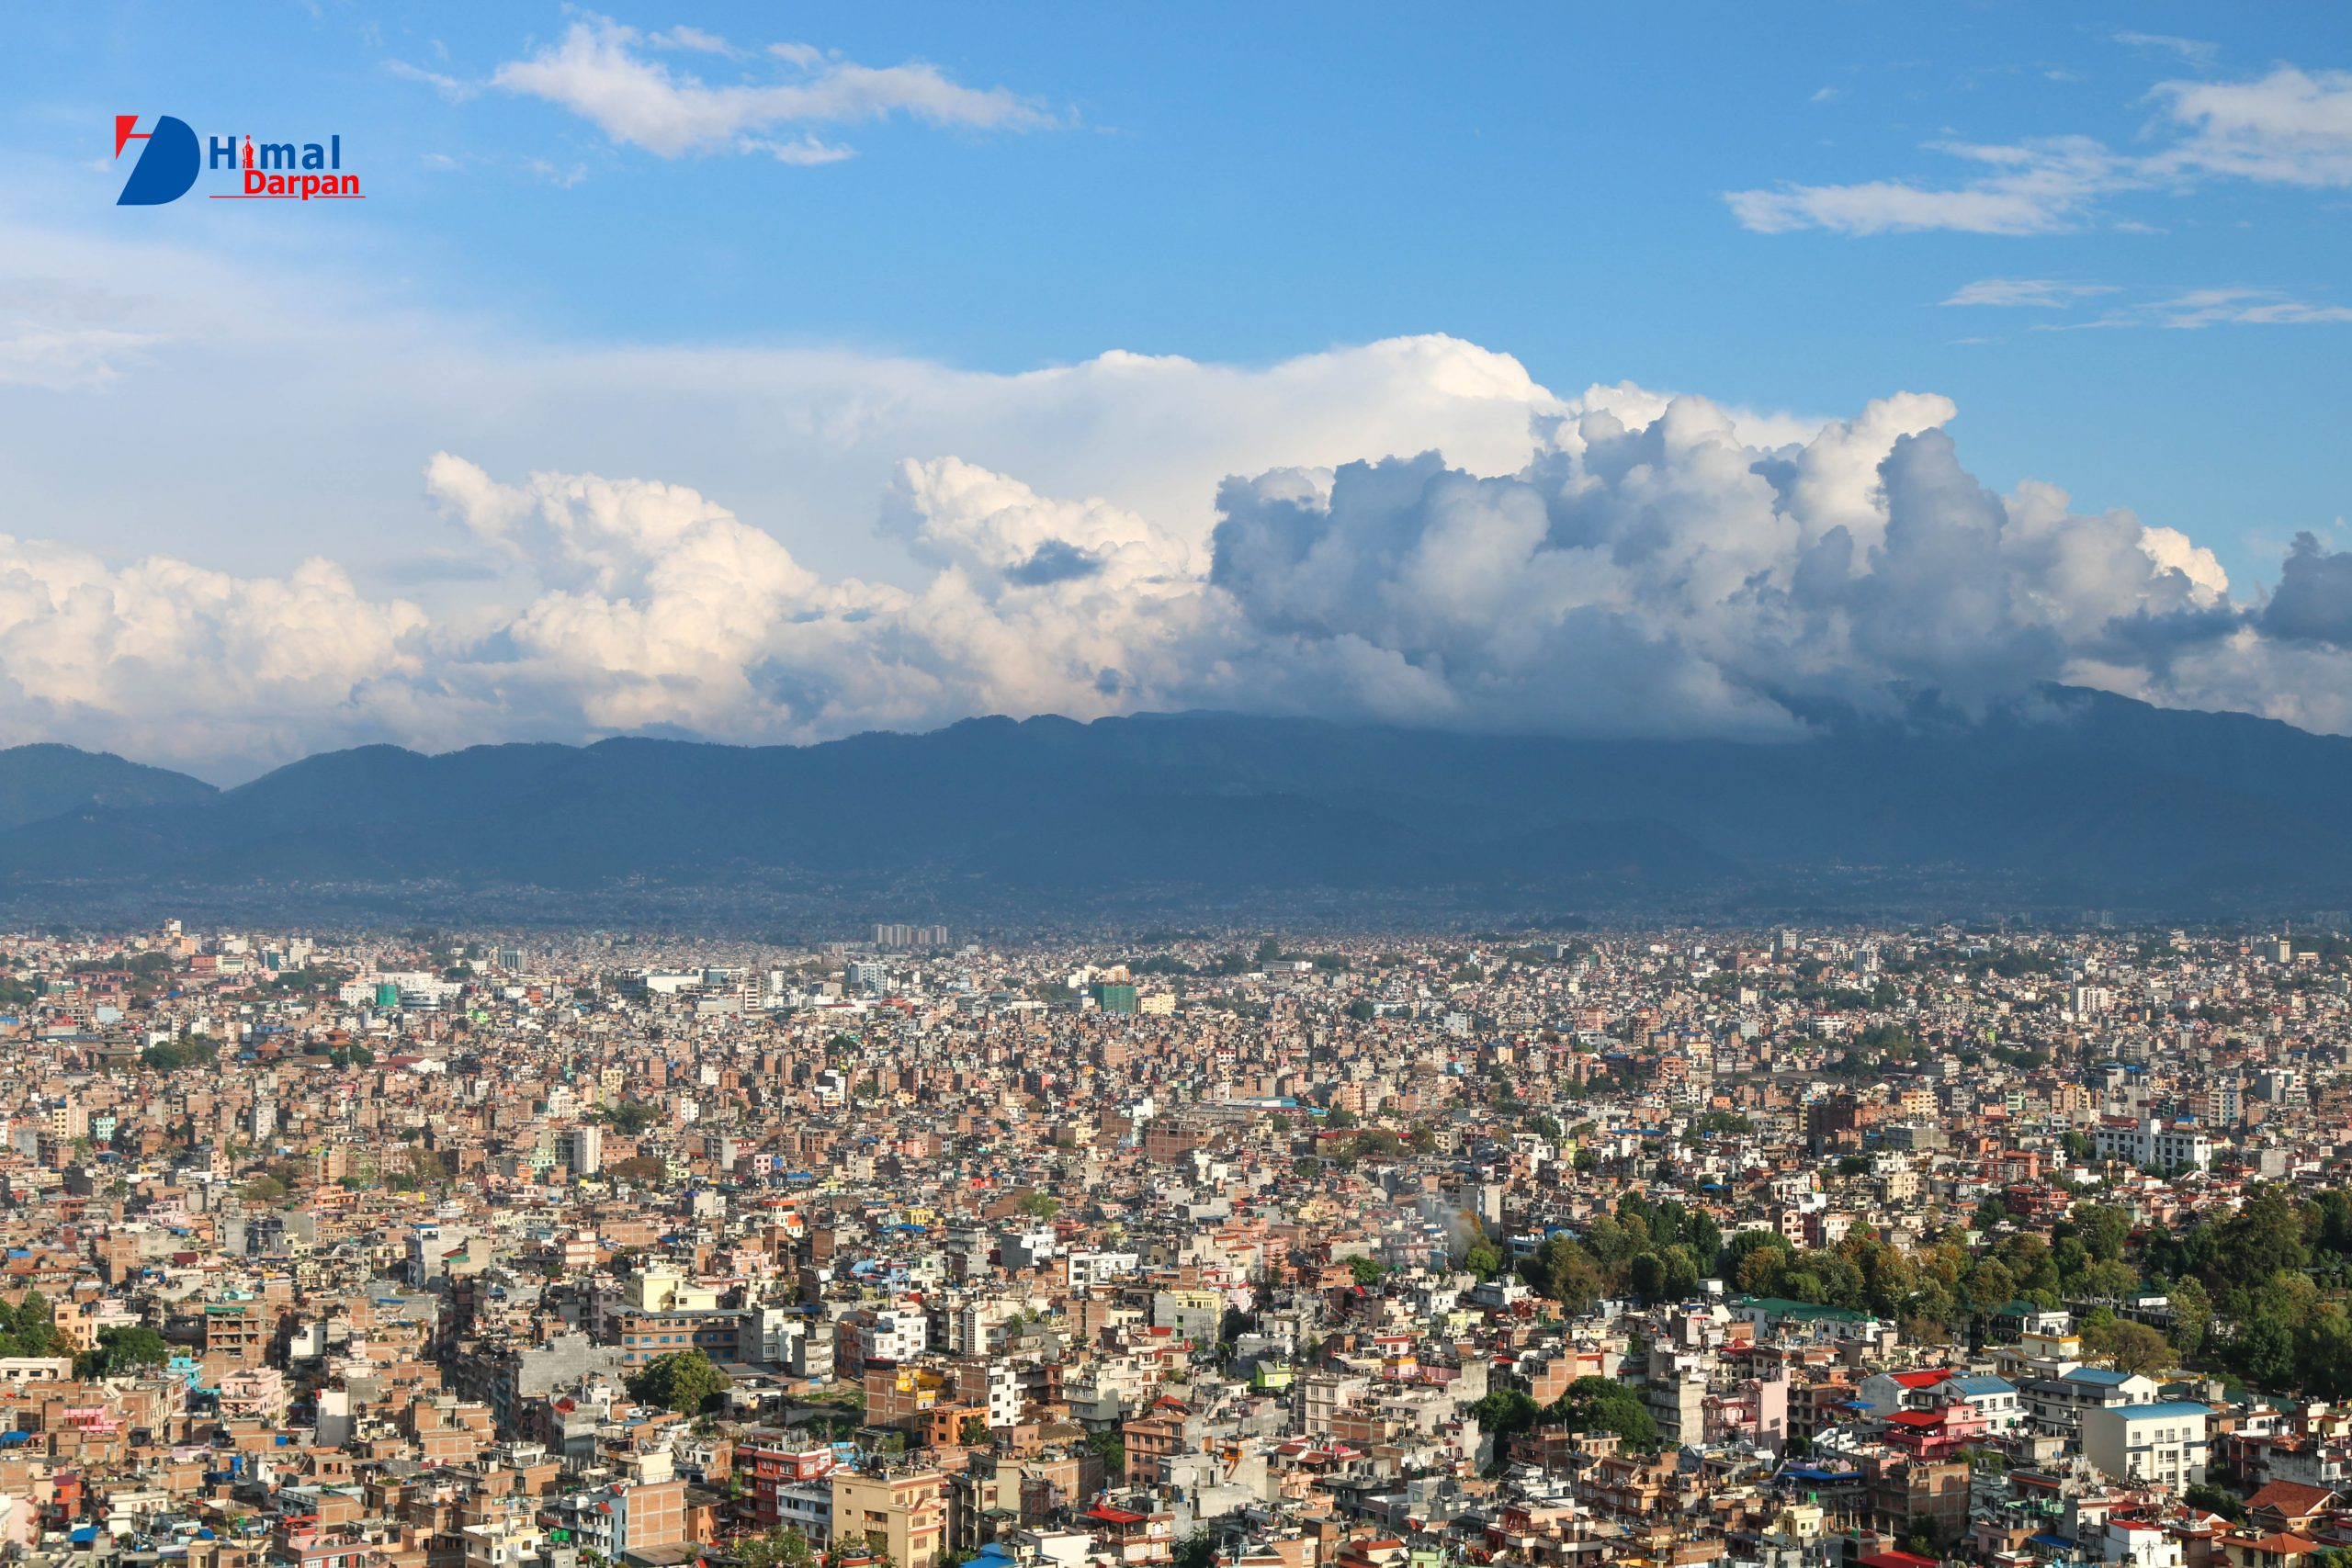 बुधबारदेखि काठमाडौंको फोहोर  उठ्ने, अवरोध भए बल प्रयोग गरिने